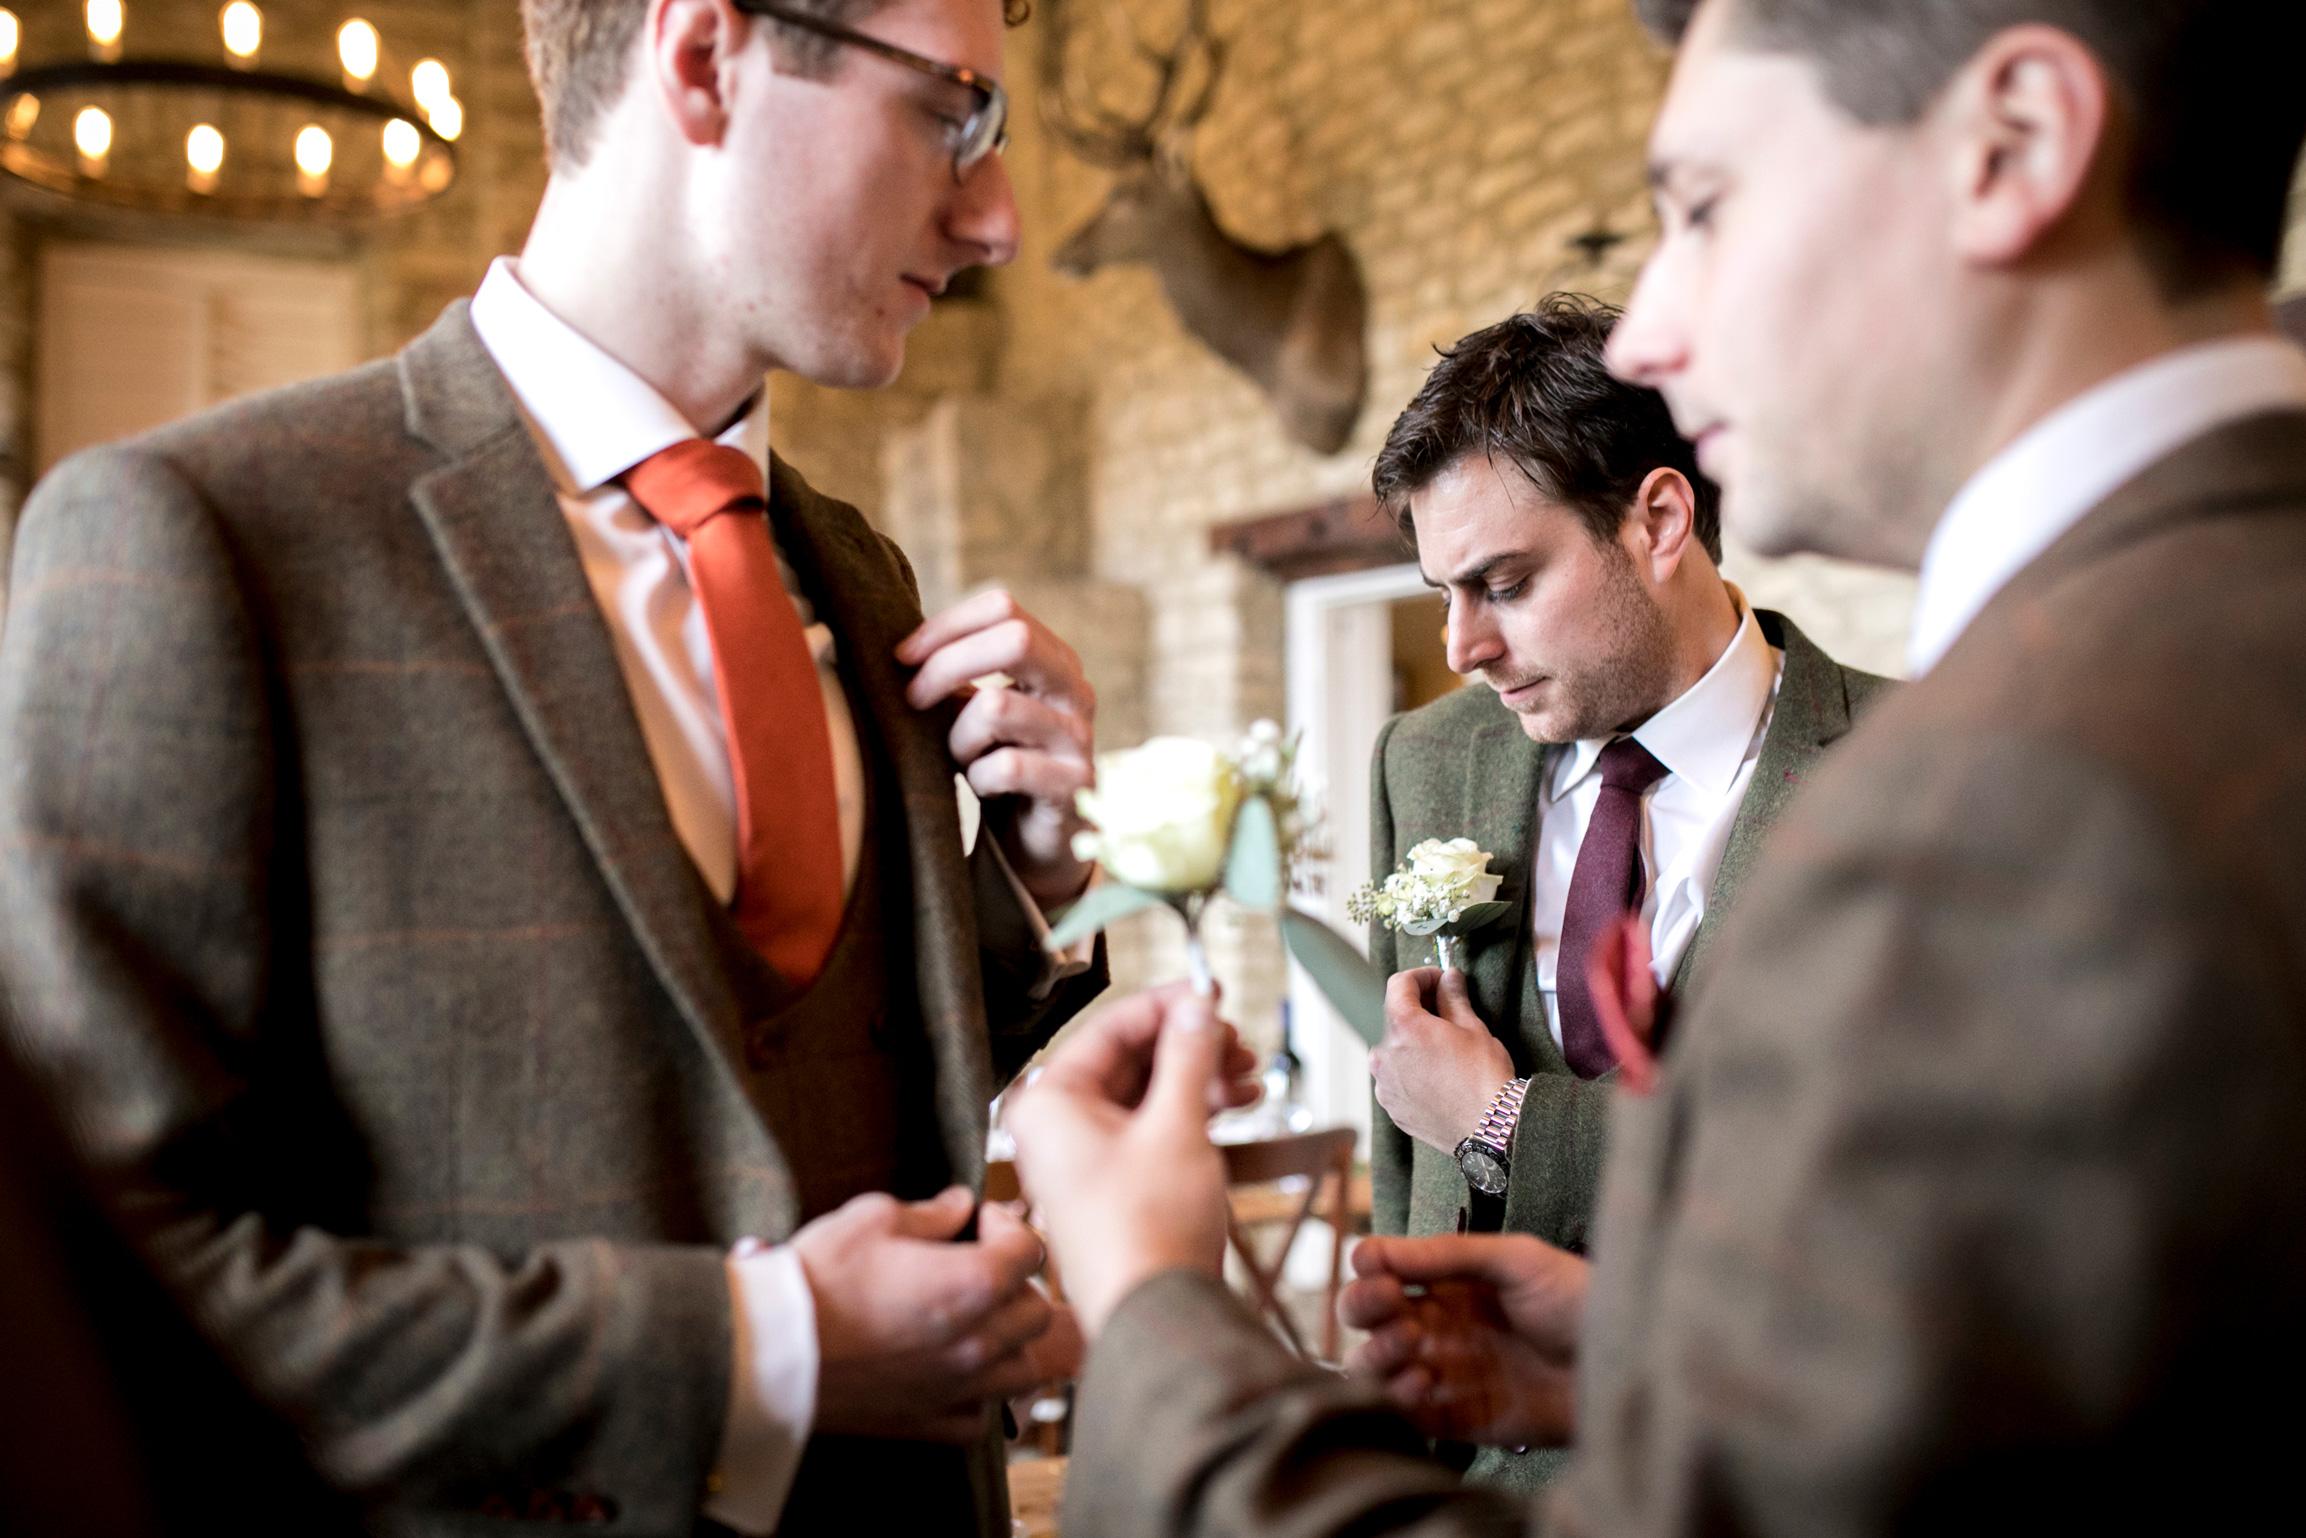 Autumn Wedding, Autumn Tones, Tweed Suits, Groomsmen,